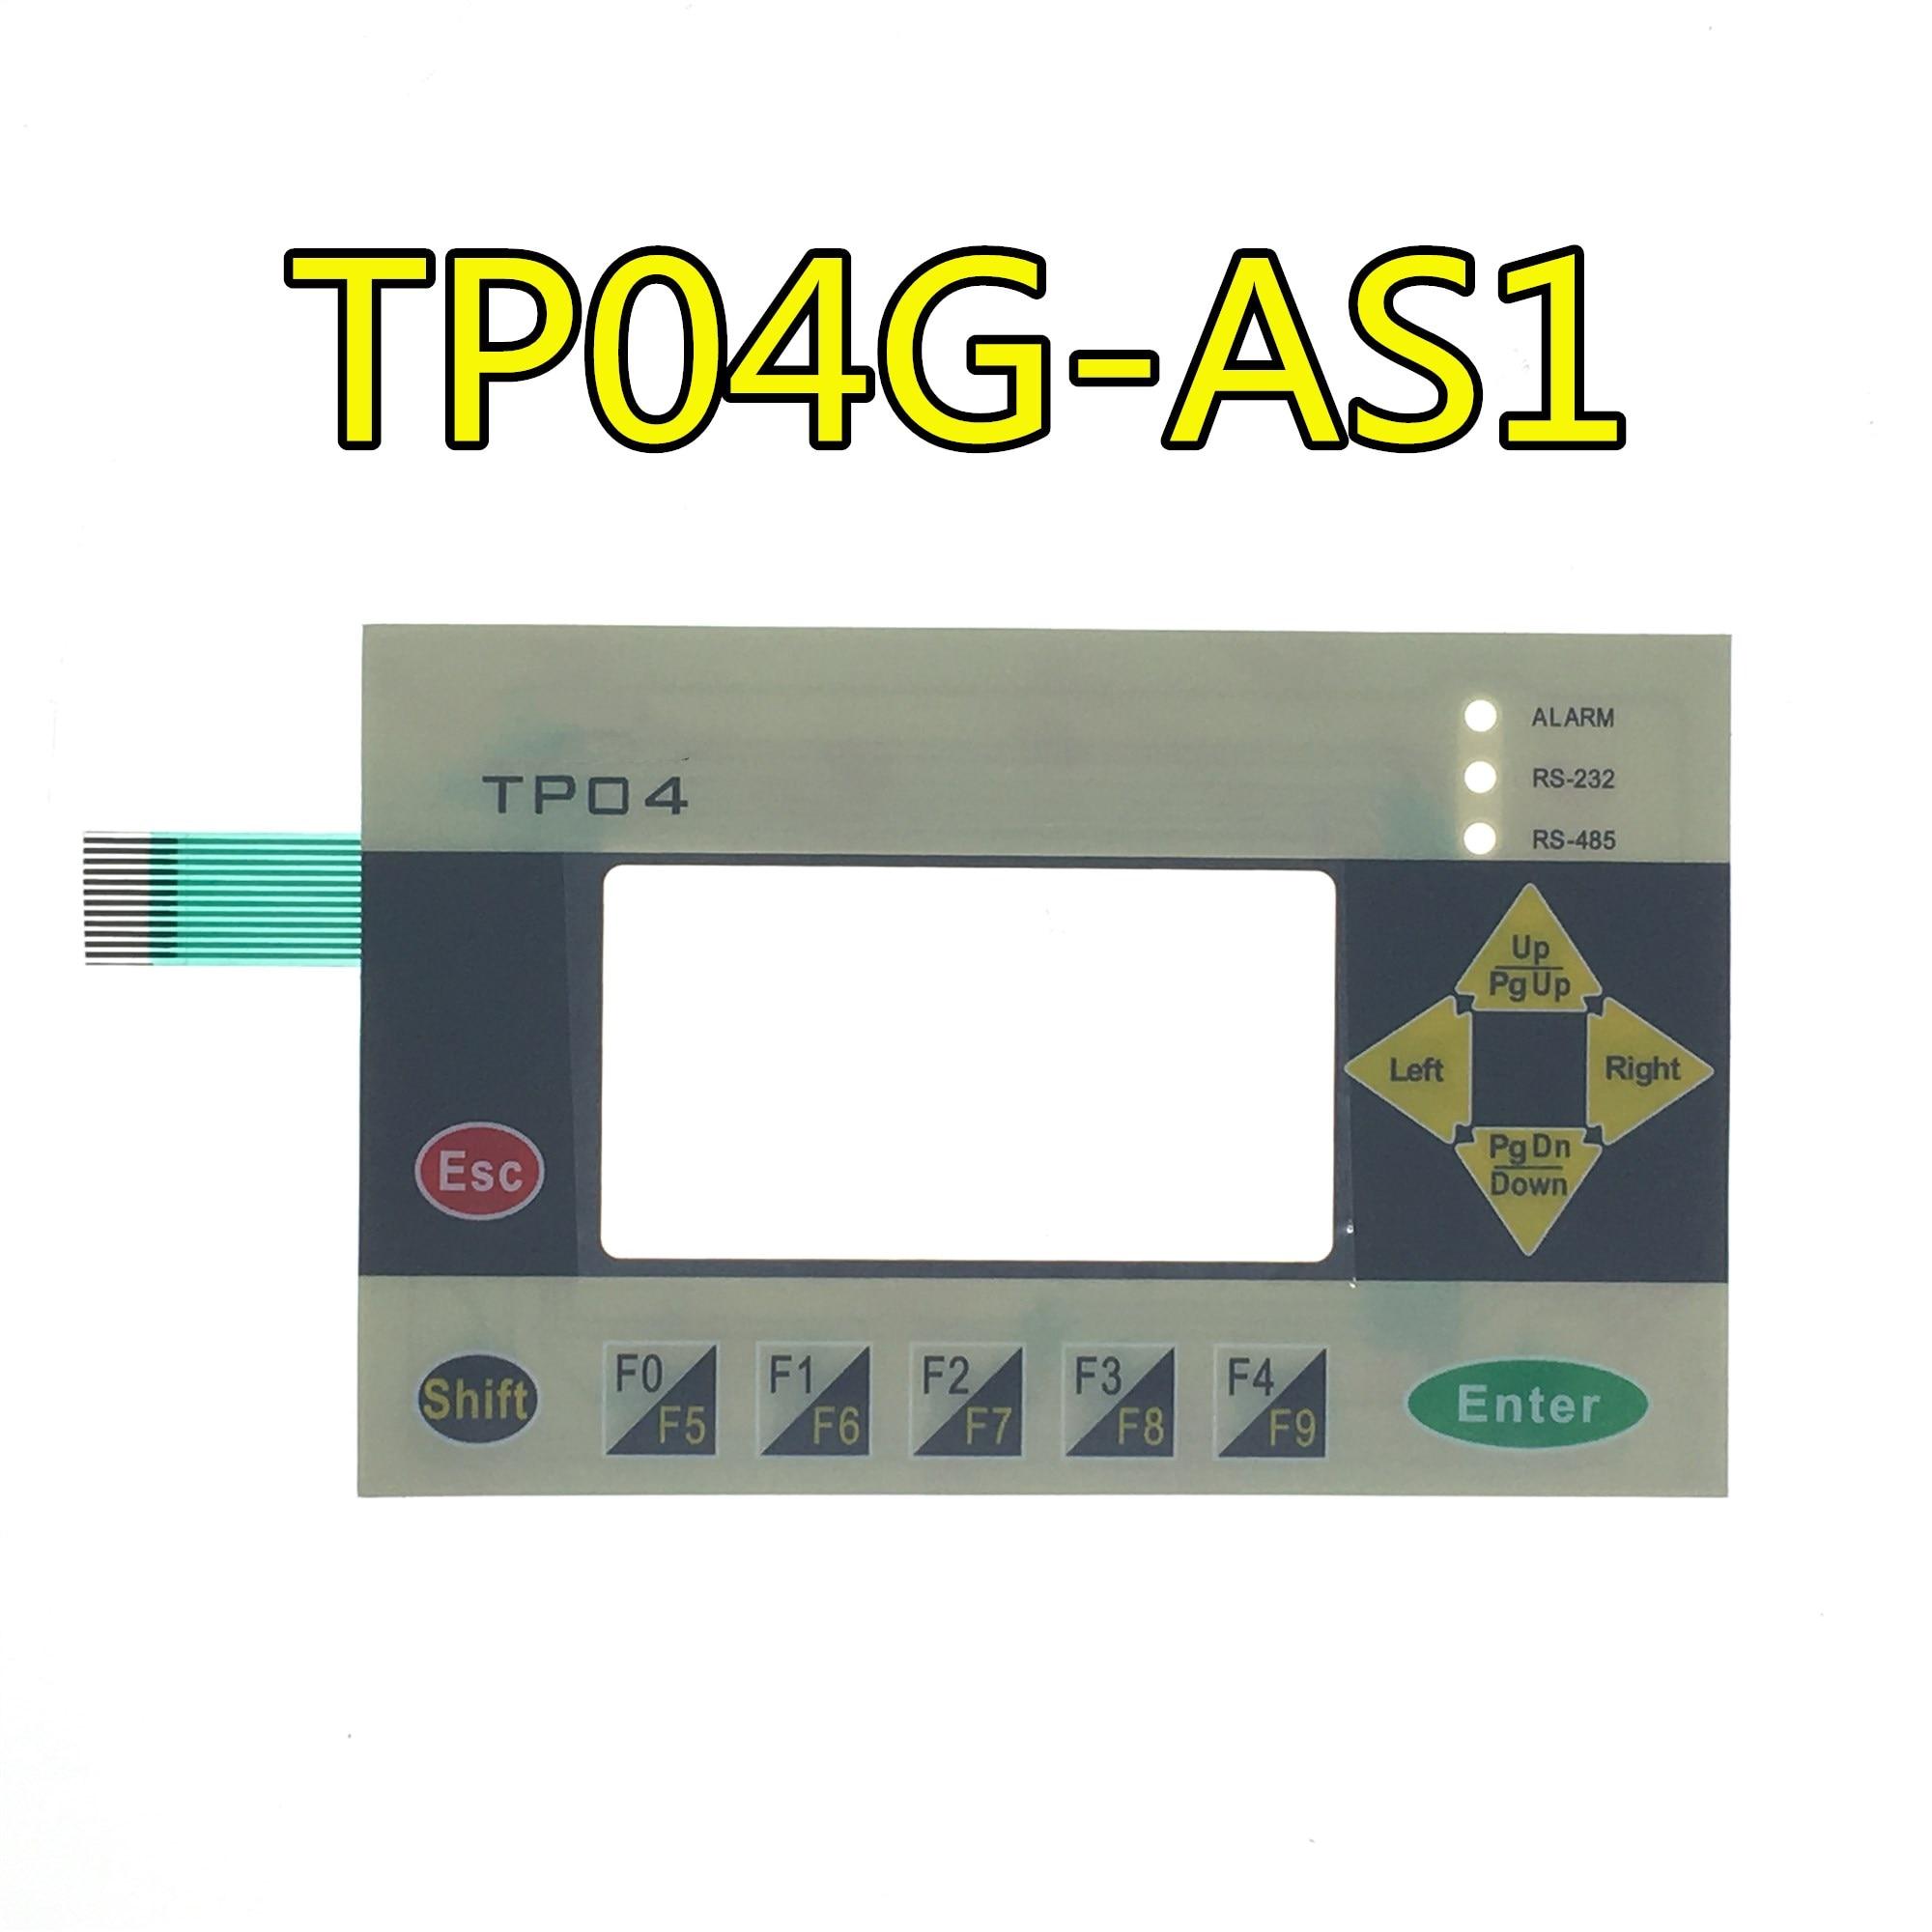 Nuevo TP04G-AS1 táctil original TP04G-AS2, 1 año de garantía